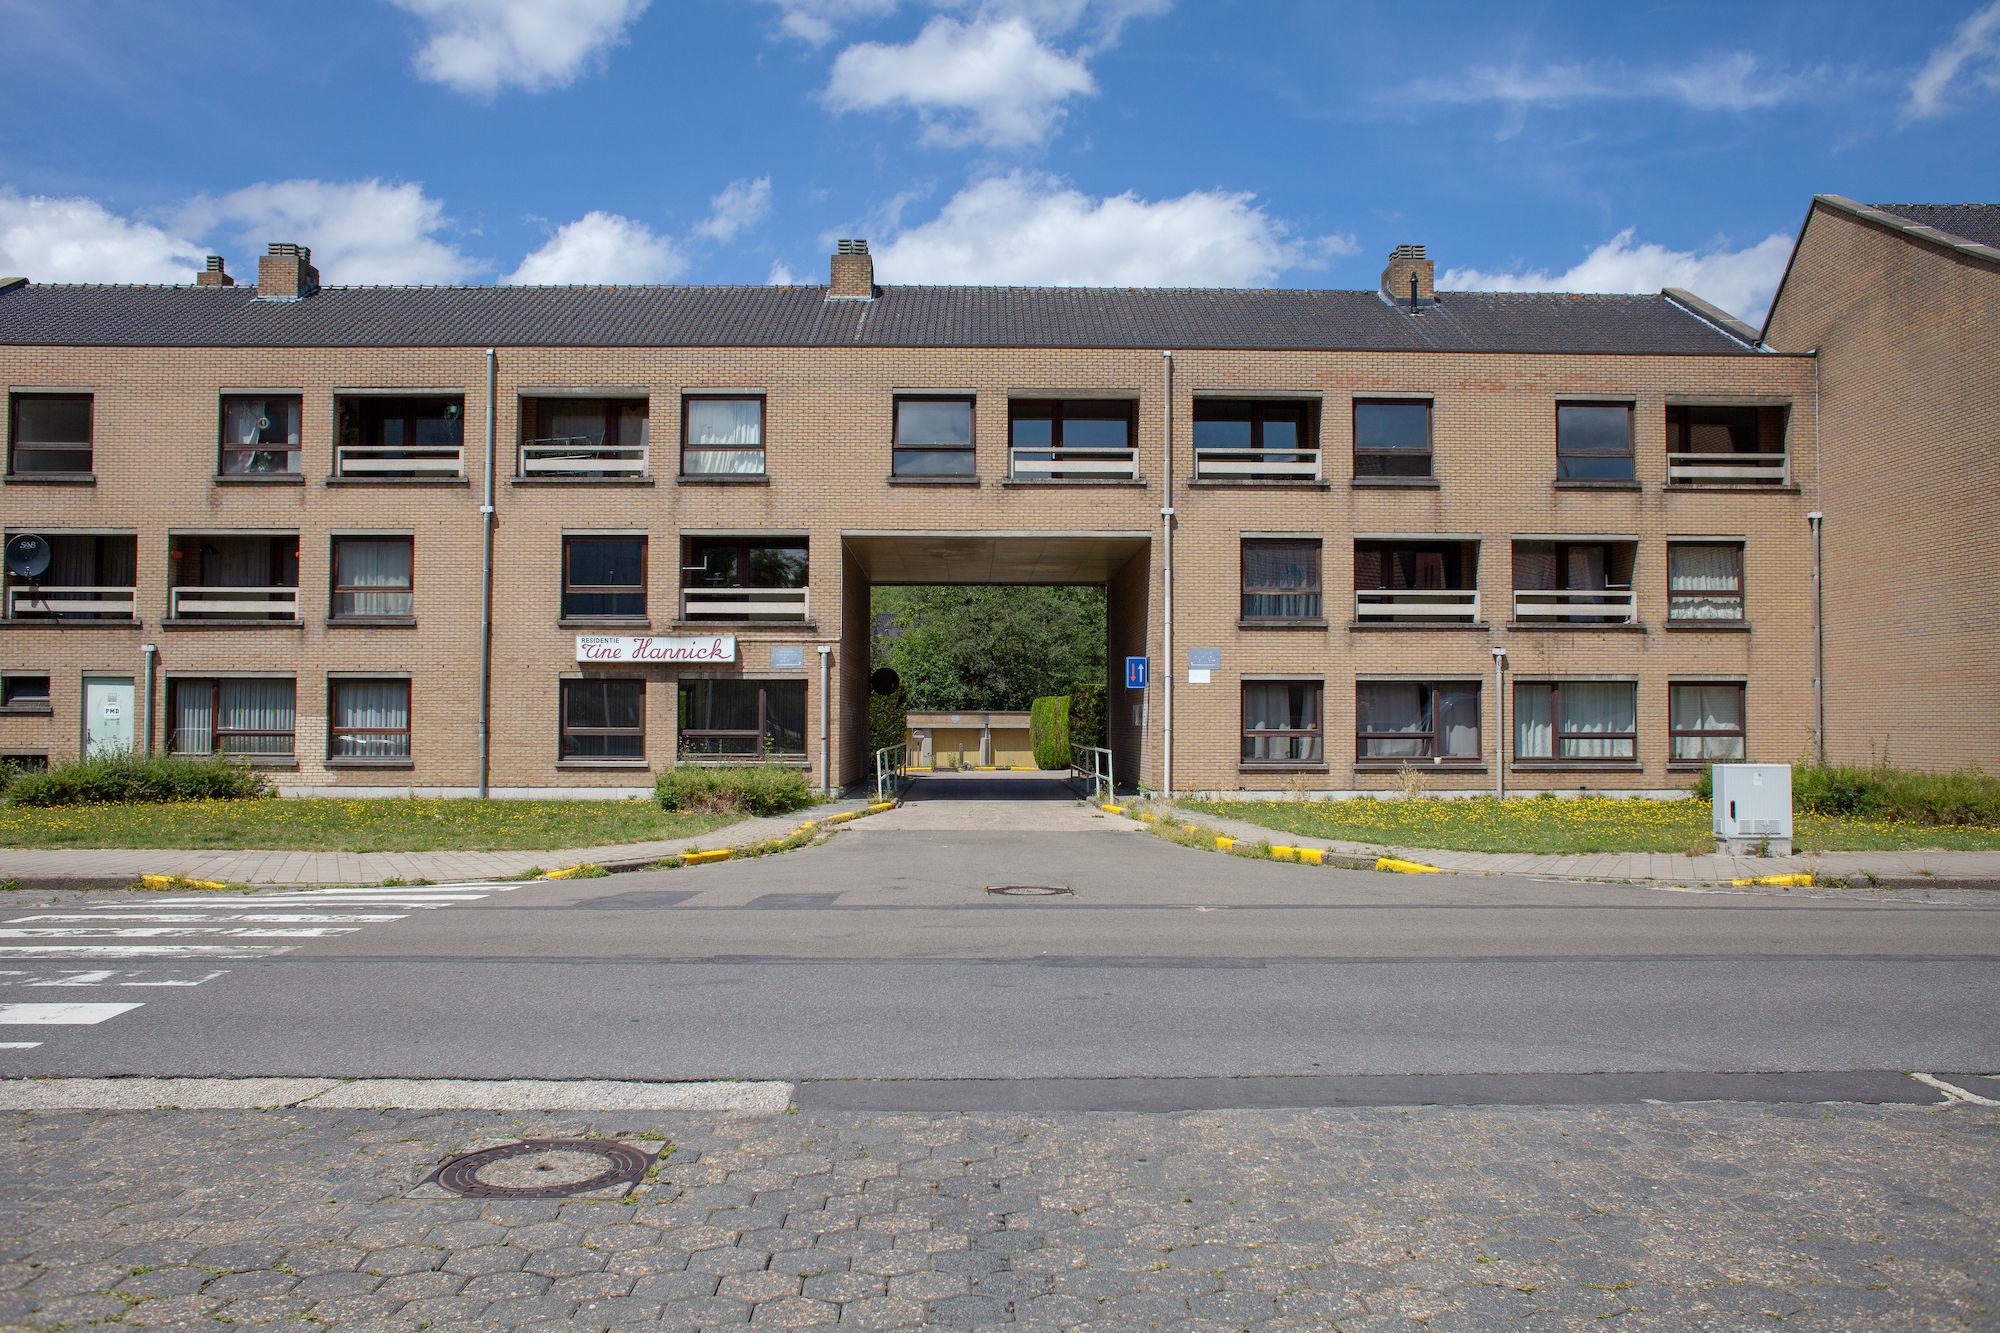 2019-07-01 Nieuw Gent prospectie met Wannes_stadsvernieuwing_IMG_0172-3.jpg